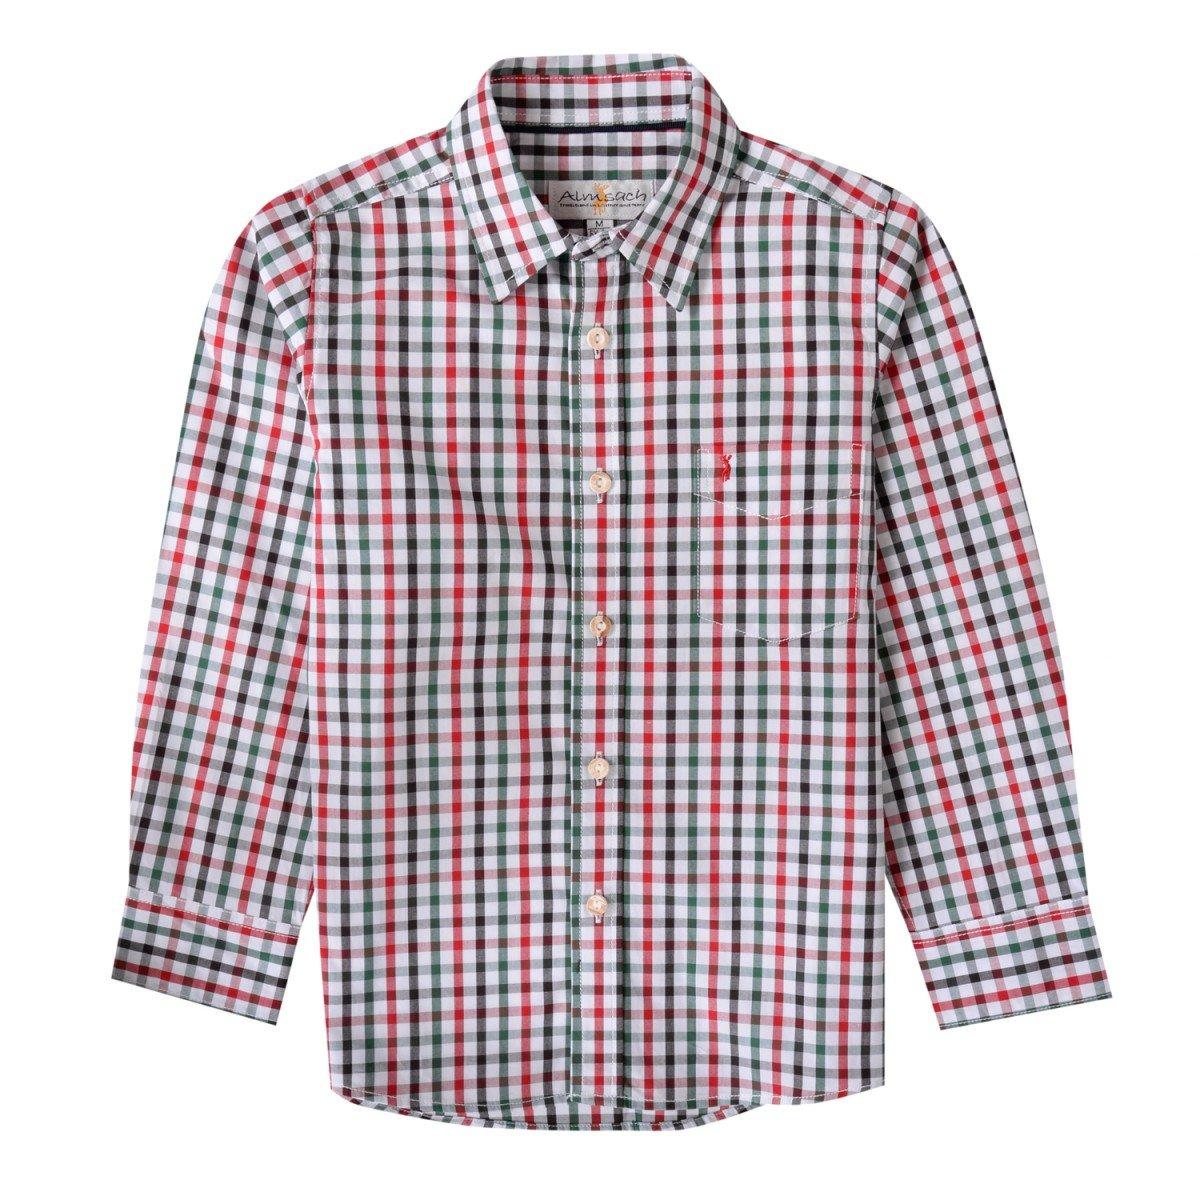 Almsach Trachtenhemd Domi Für Kinder Mehrfarbig in Rot und Dunkelgrün von Inklusive Volksfestfinder